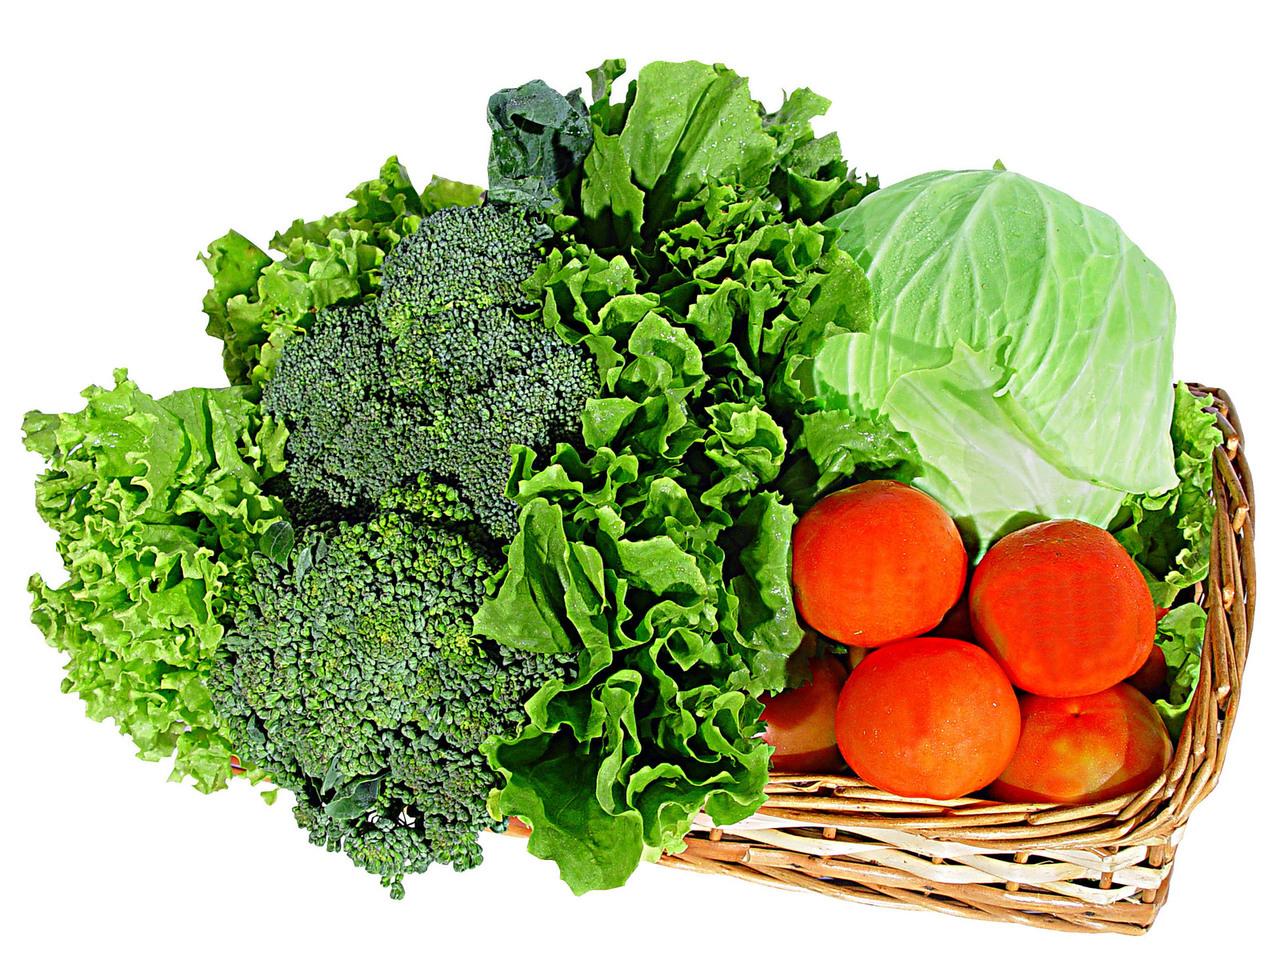 TERVISLIK TOITUMINE! Soovitused tervislikuks toitumiseks